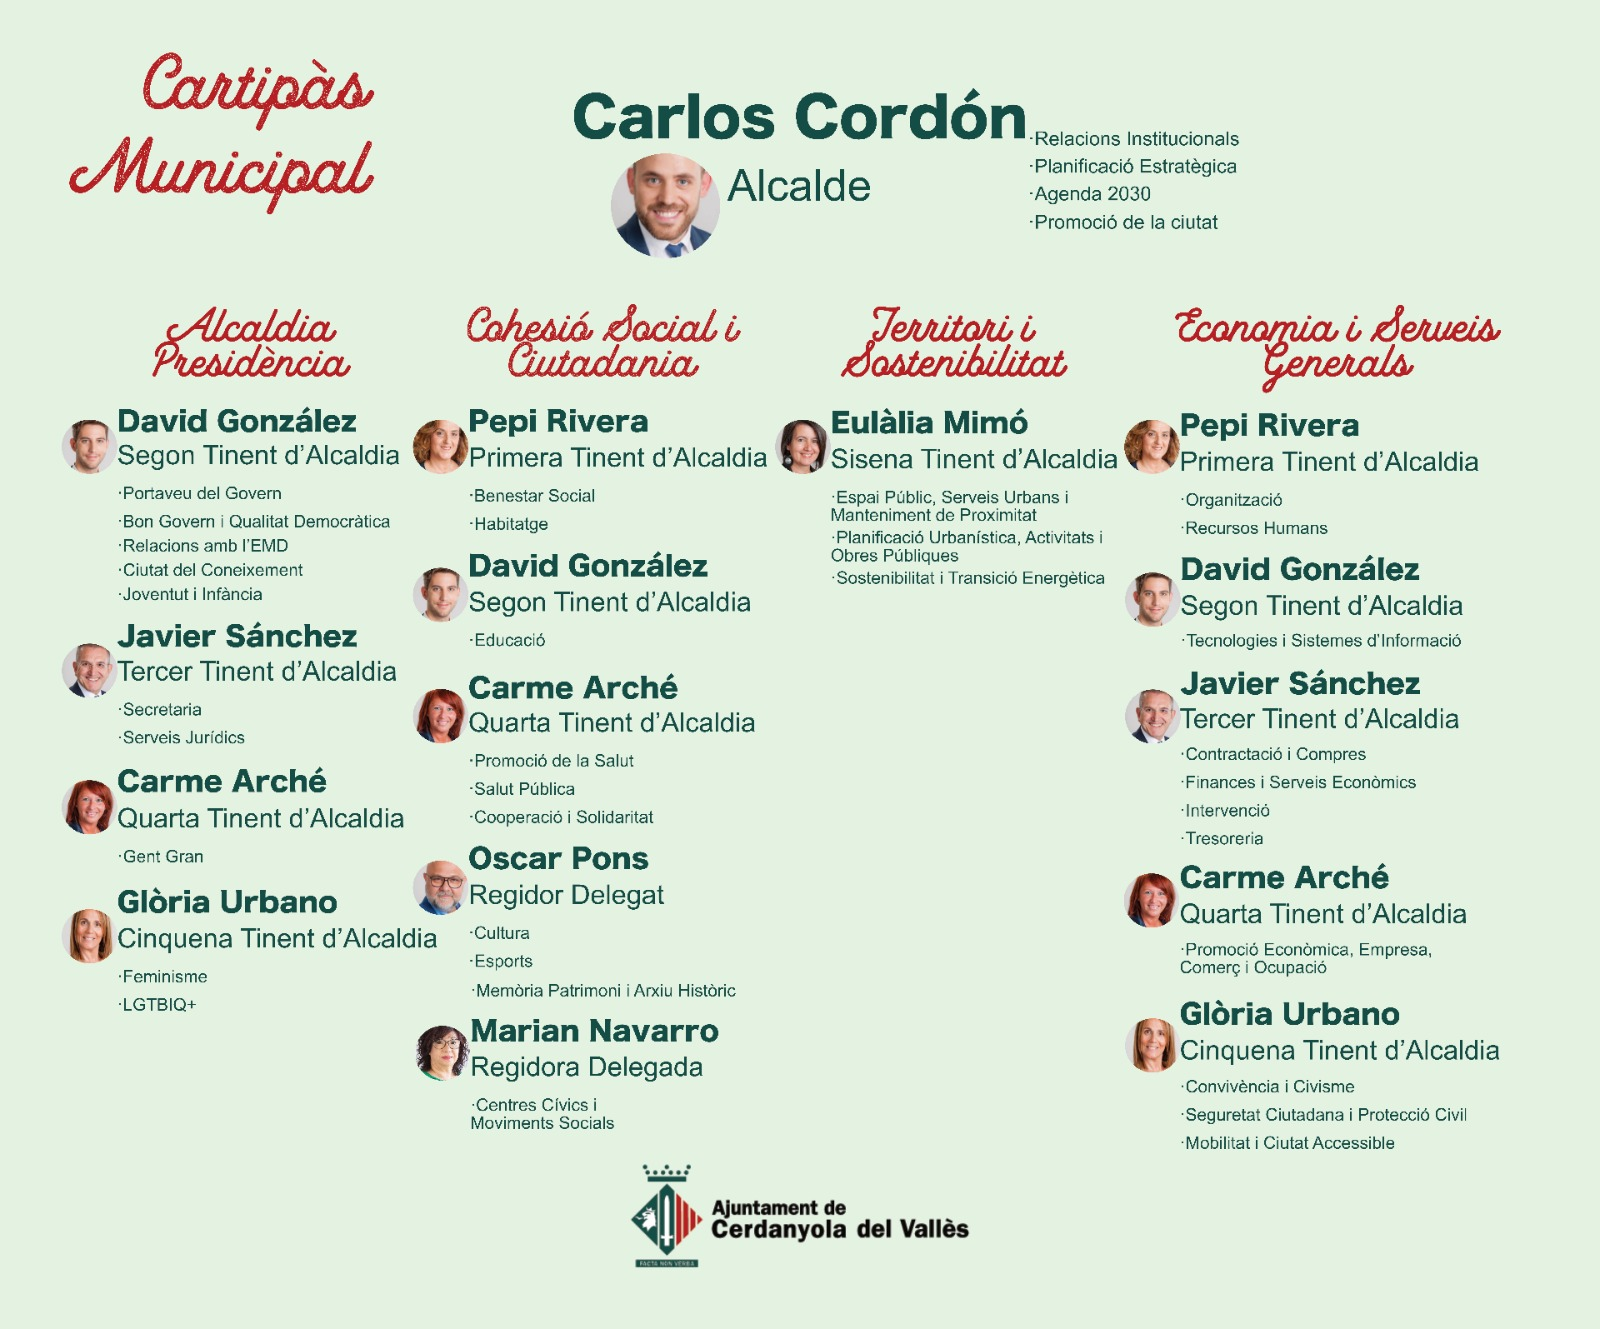 Imatge de l'organització del cartipàs